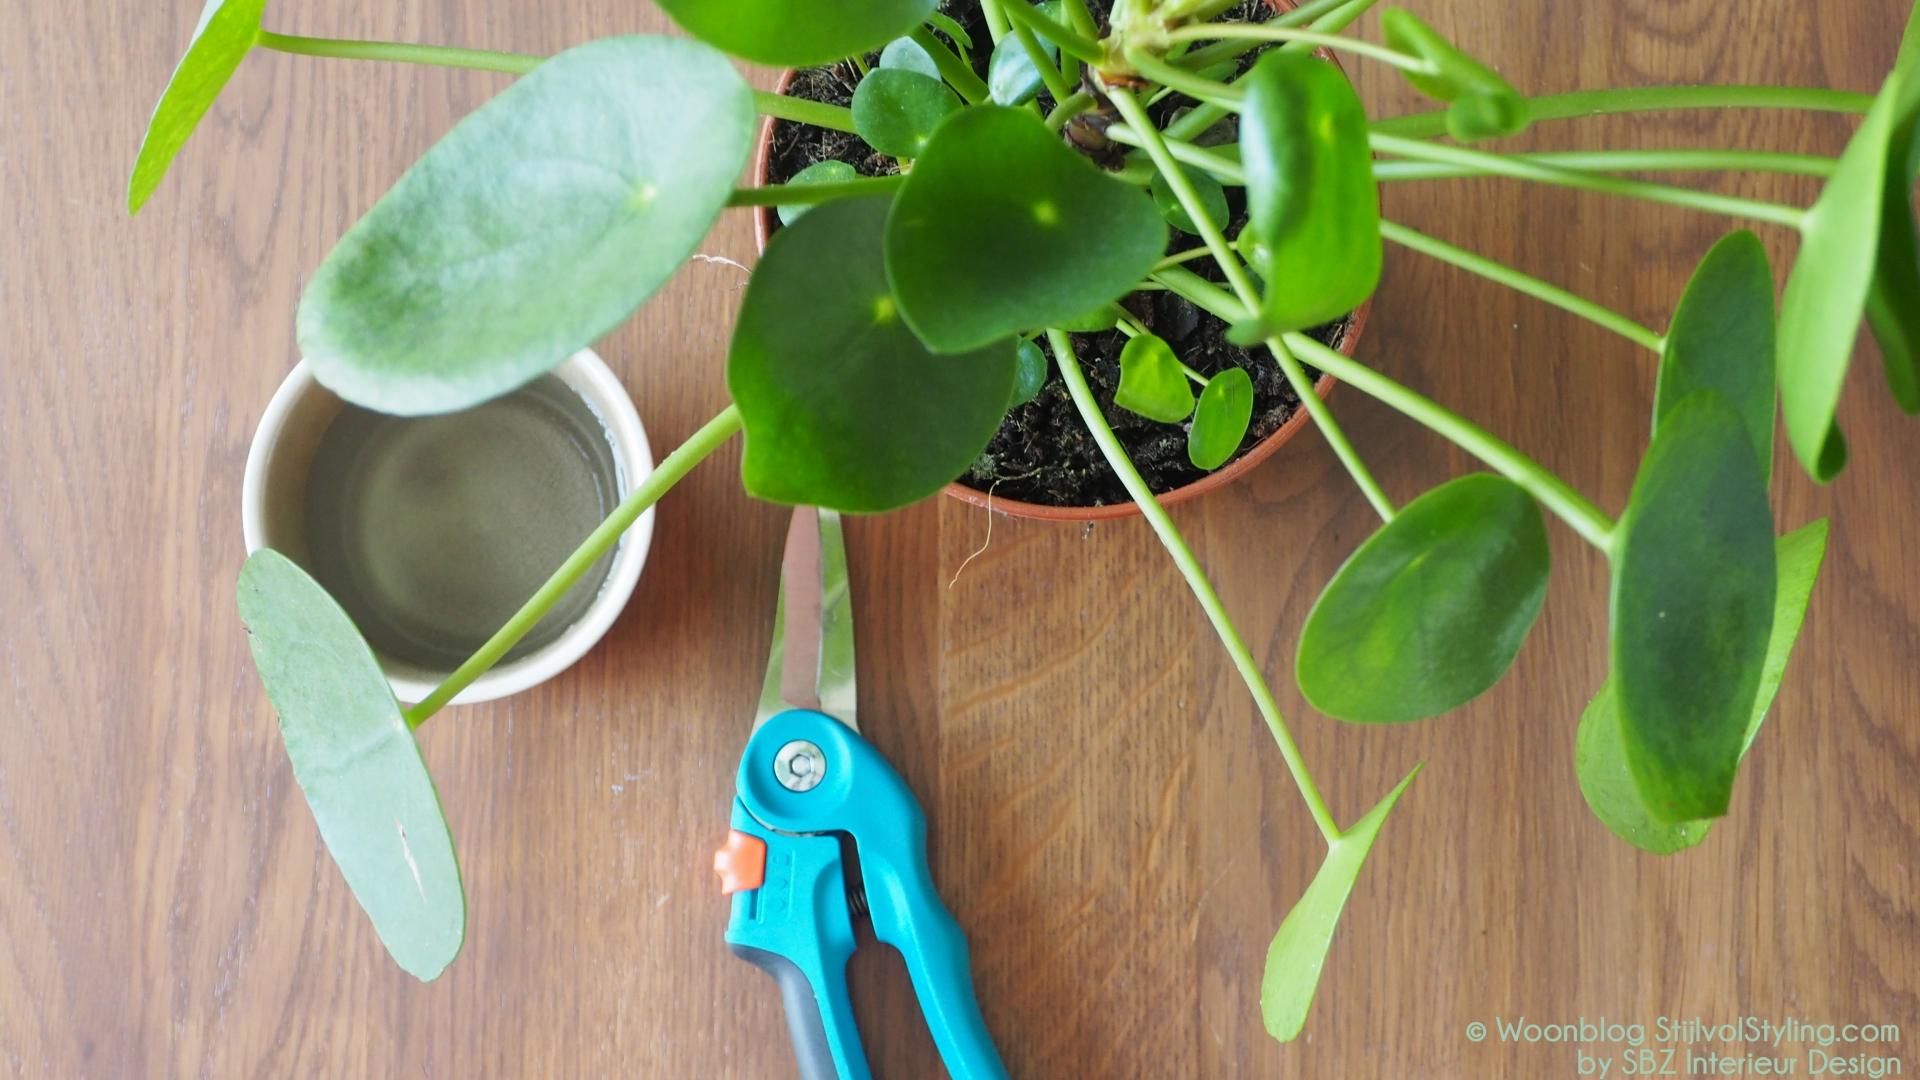 Groen wonen do it yourself pilea stekken stijlvol styling woonblog - Volwassen kamer trend ...